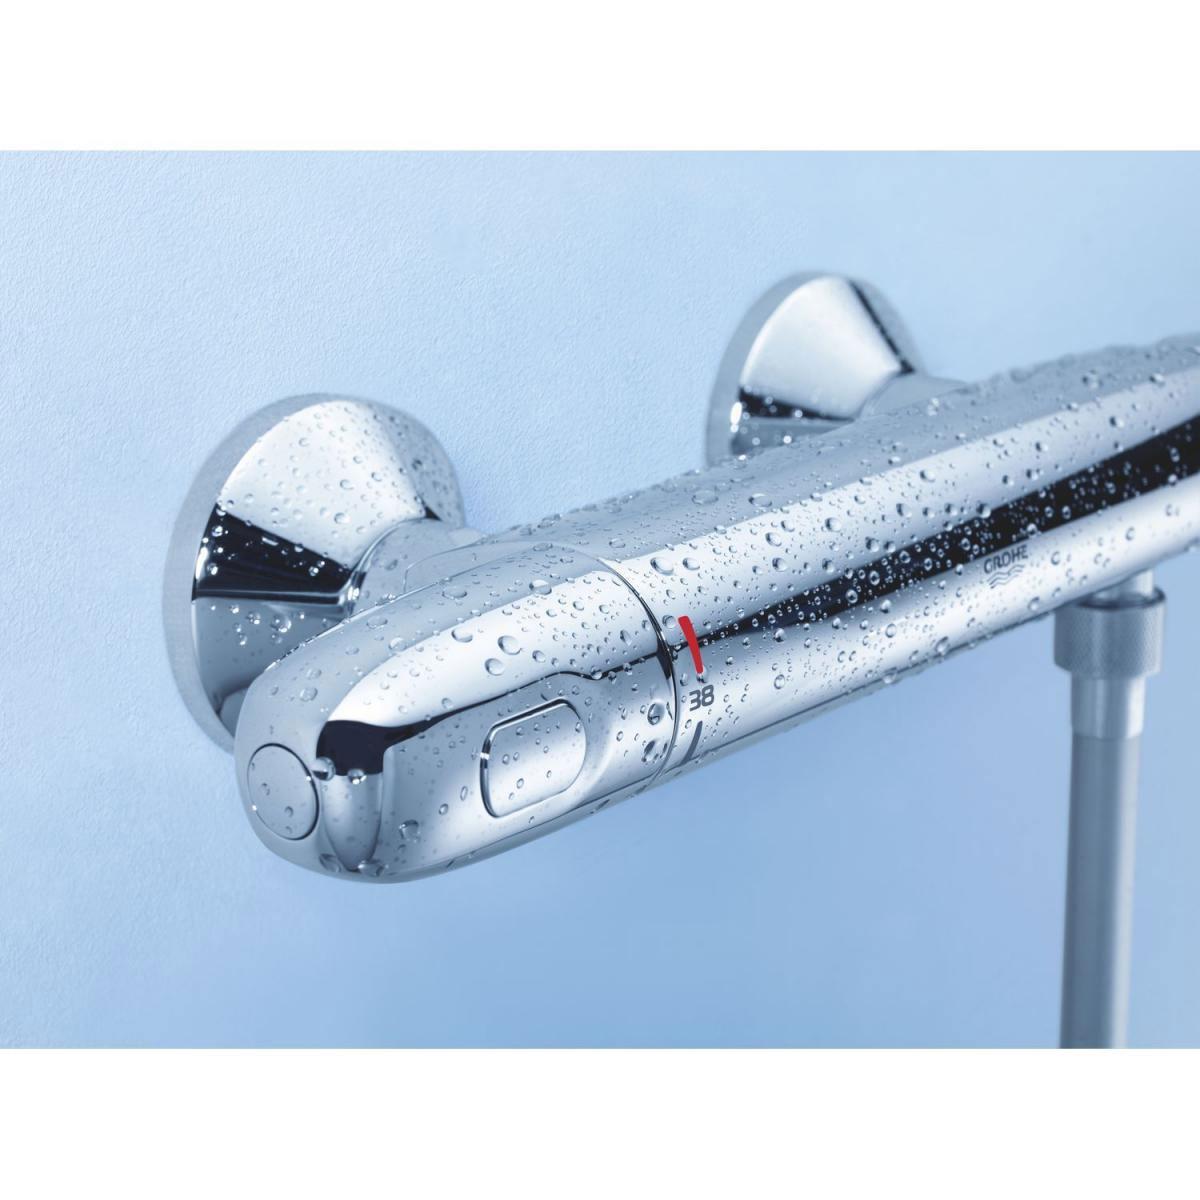 Full Size of Grohe Thermostat Dusche Brausebatterie Grohtherm 1000 Metall 2 Glaswand Raindance Bodenebene Bodengleiche Nachträglich Einbauen Eckeinstieg Hüppe Dusche Grohe Thermostat Dusche